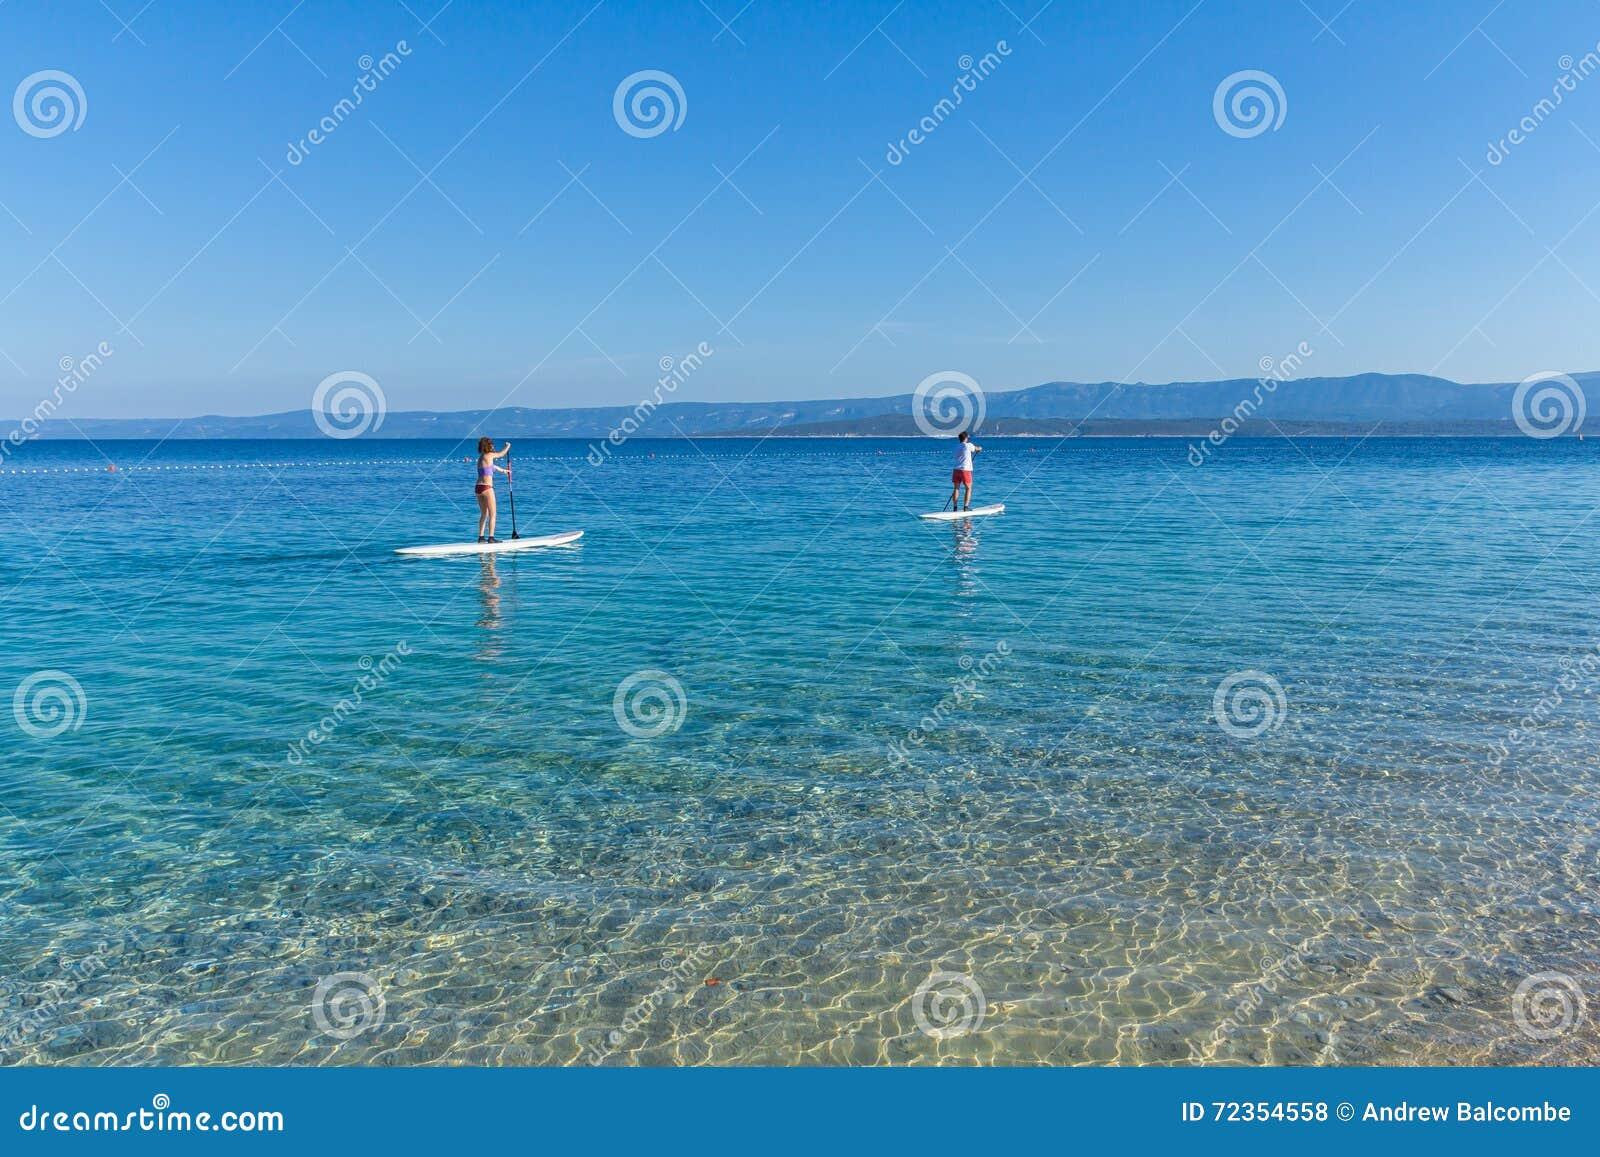 Standup skovelboarders på Zlatni tjaller stranden, Kroatien